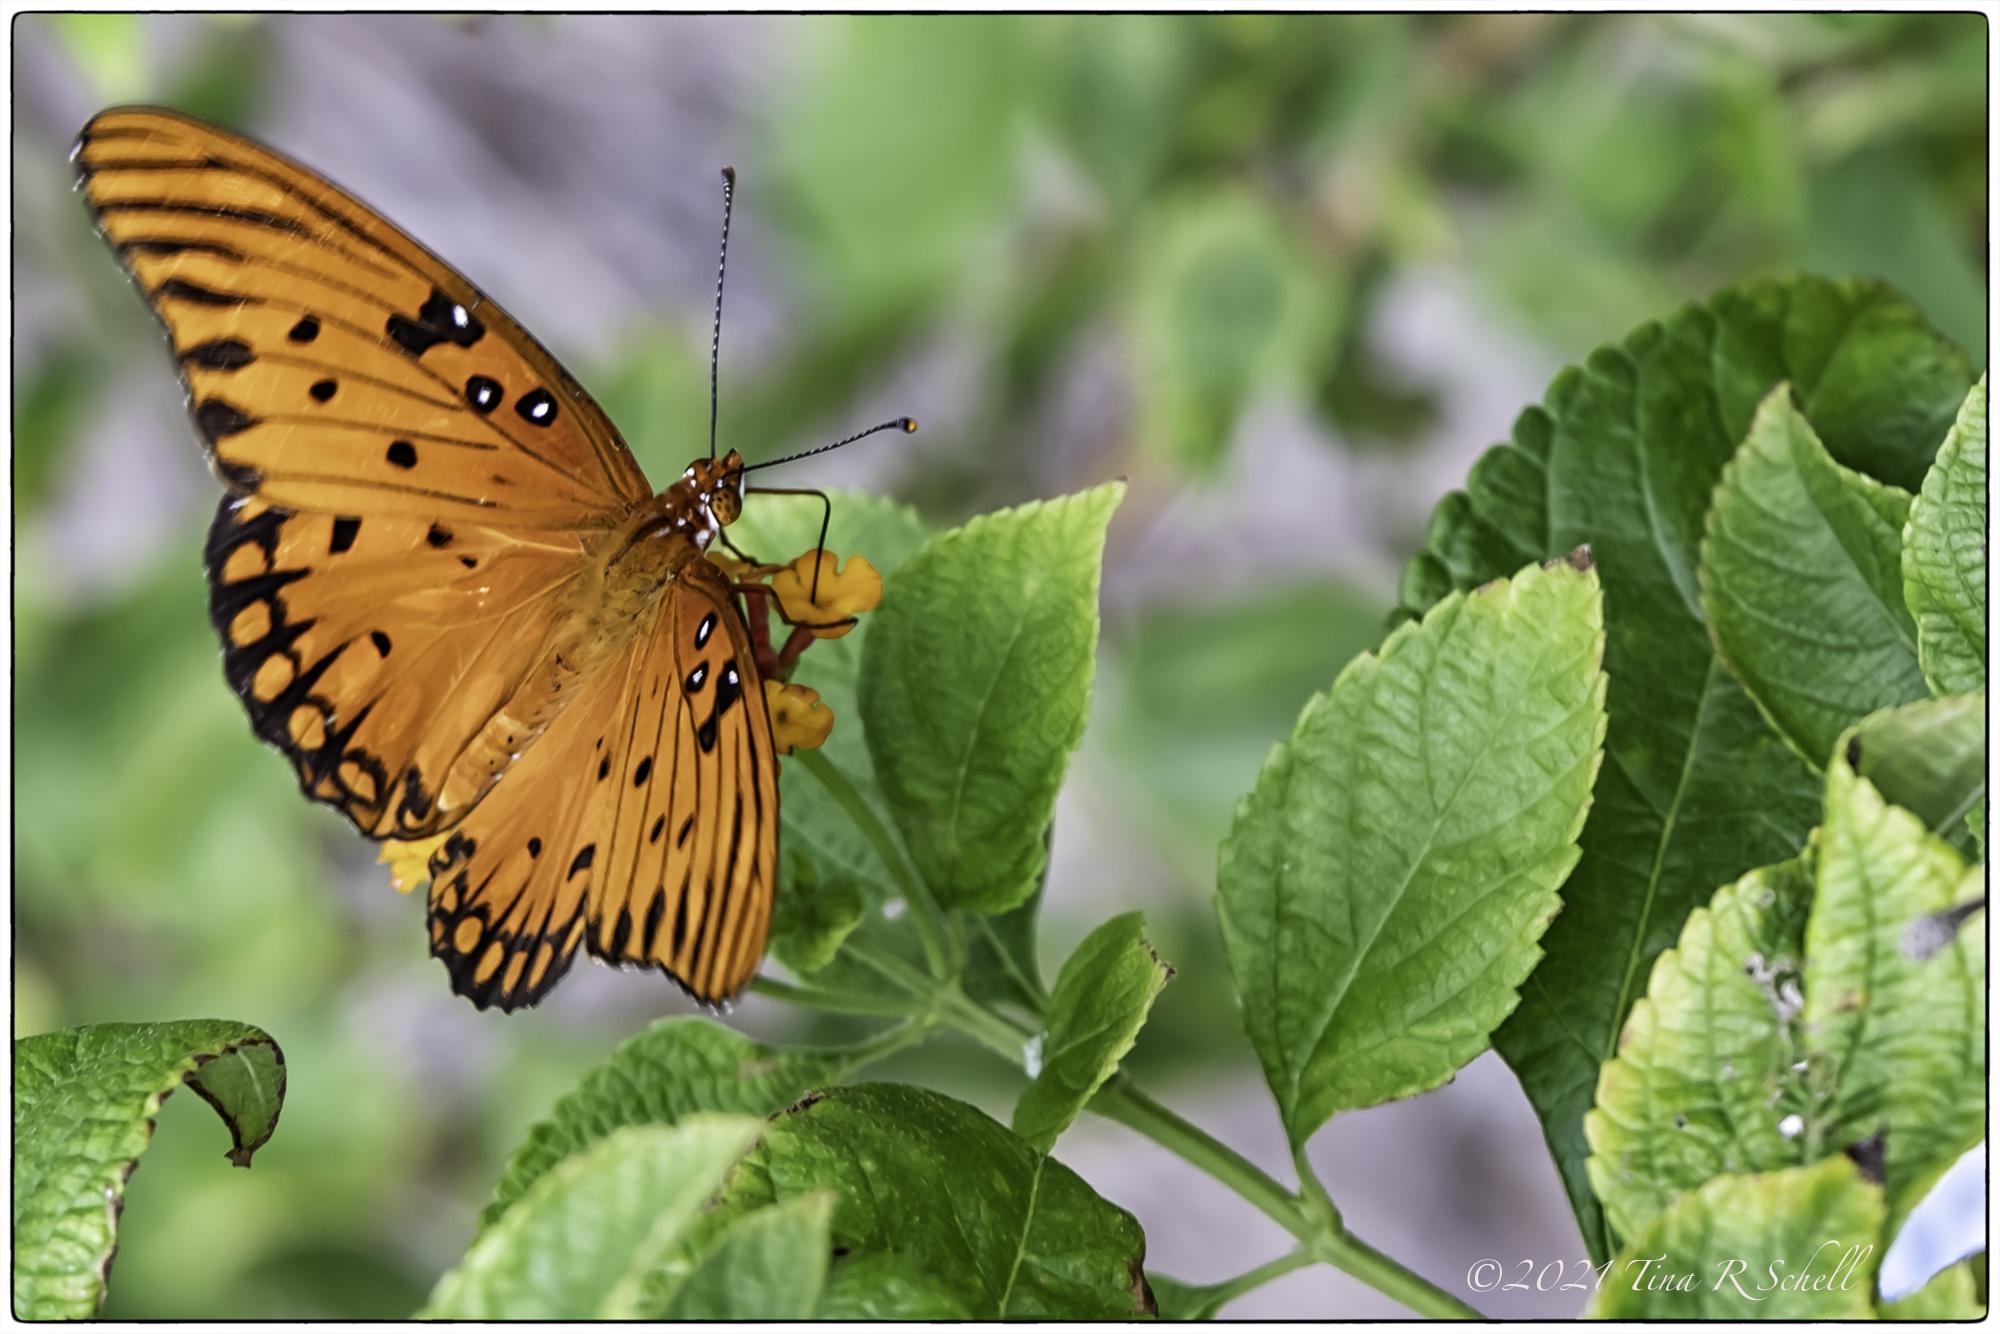 gulf fritillary, butterfly, orange, green leaves, spots